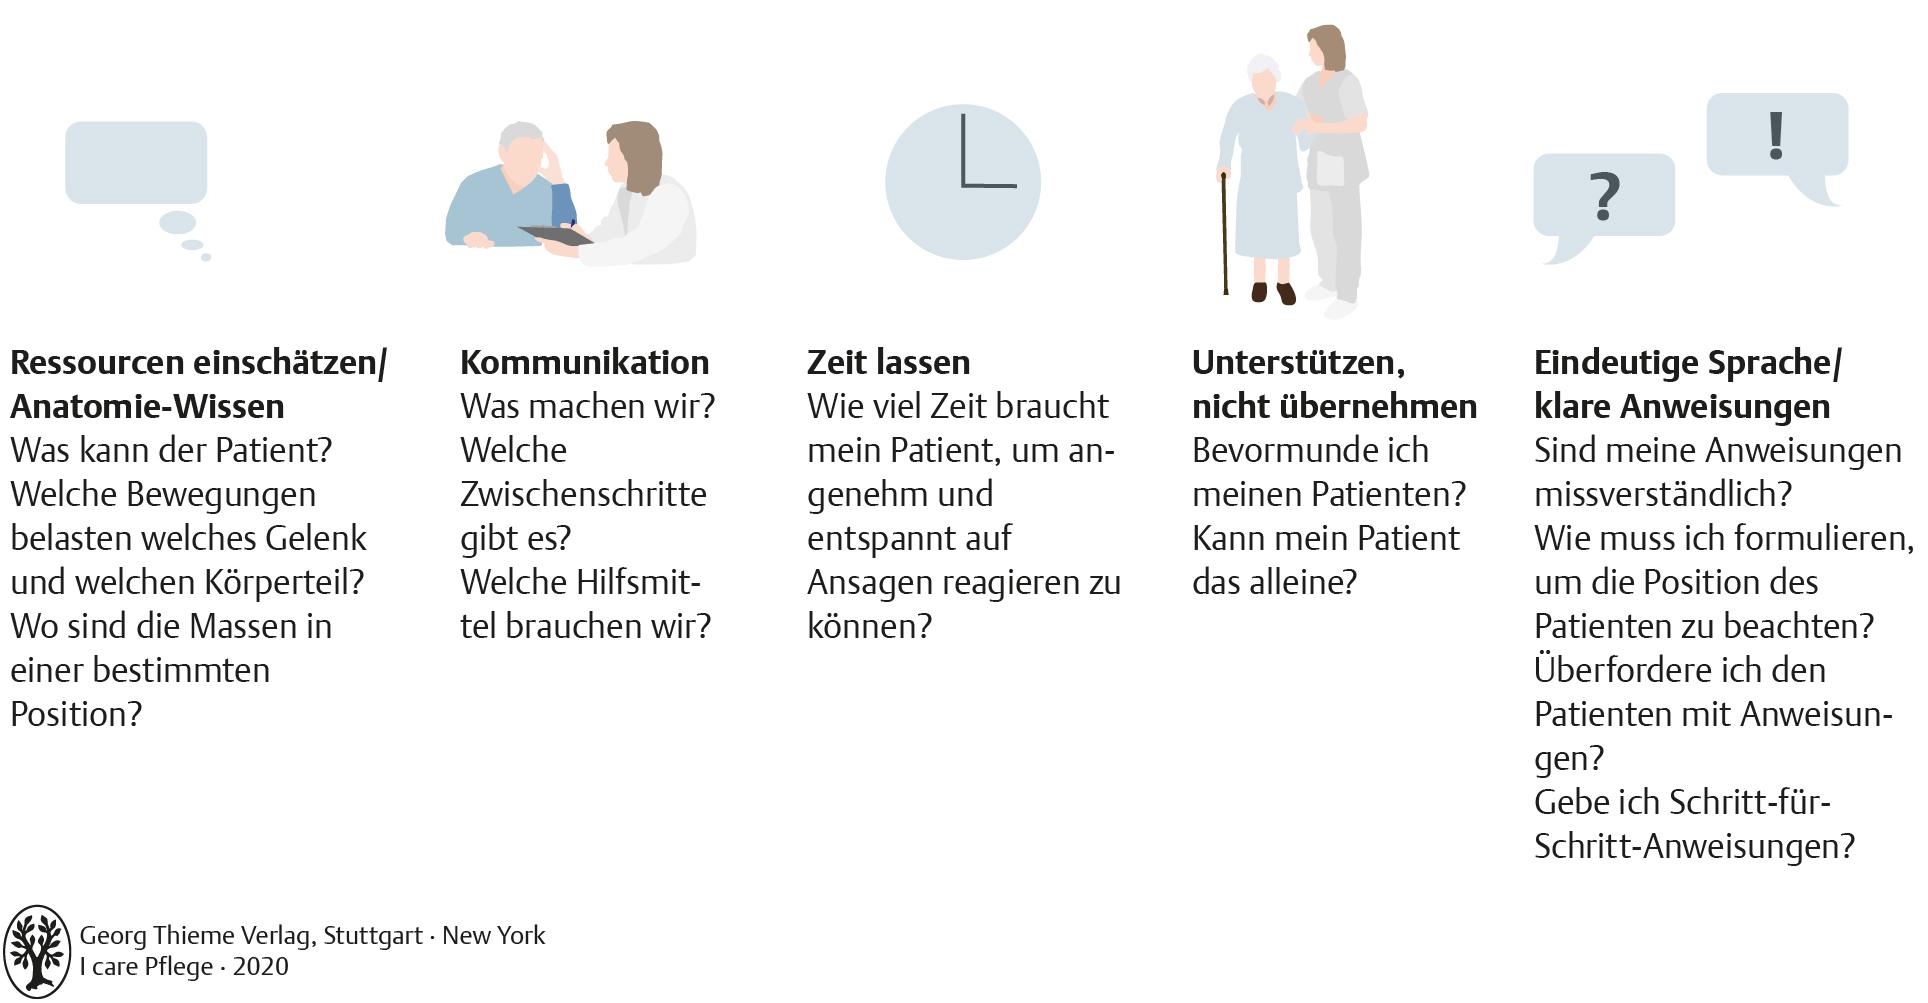 Mobilisation, Positionierung und Schlaf   Pflegepädagogik   Georg ...